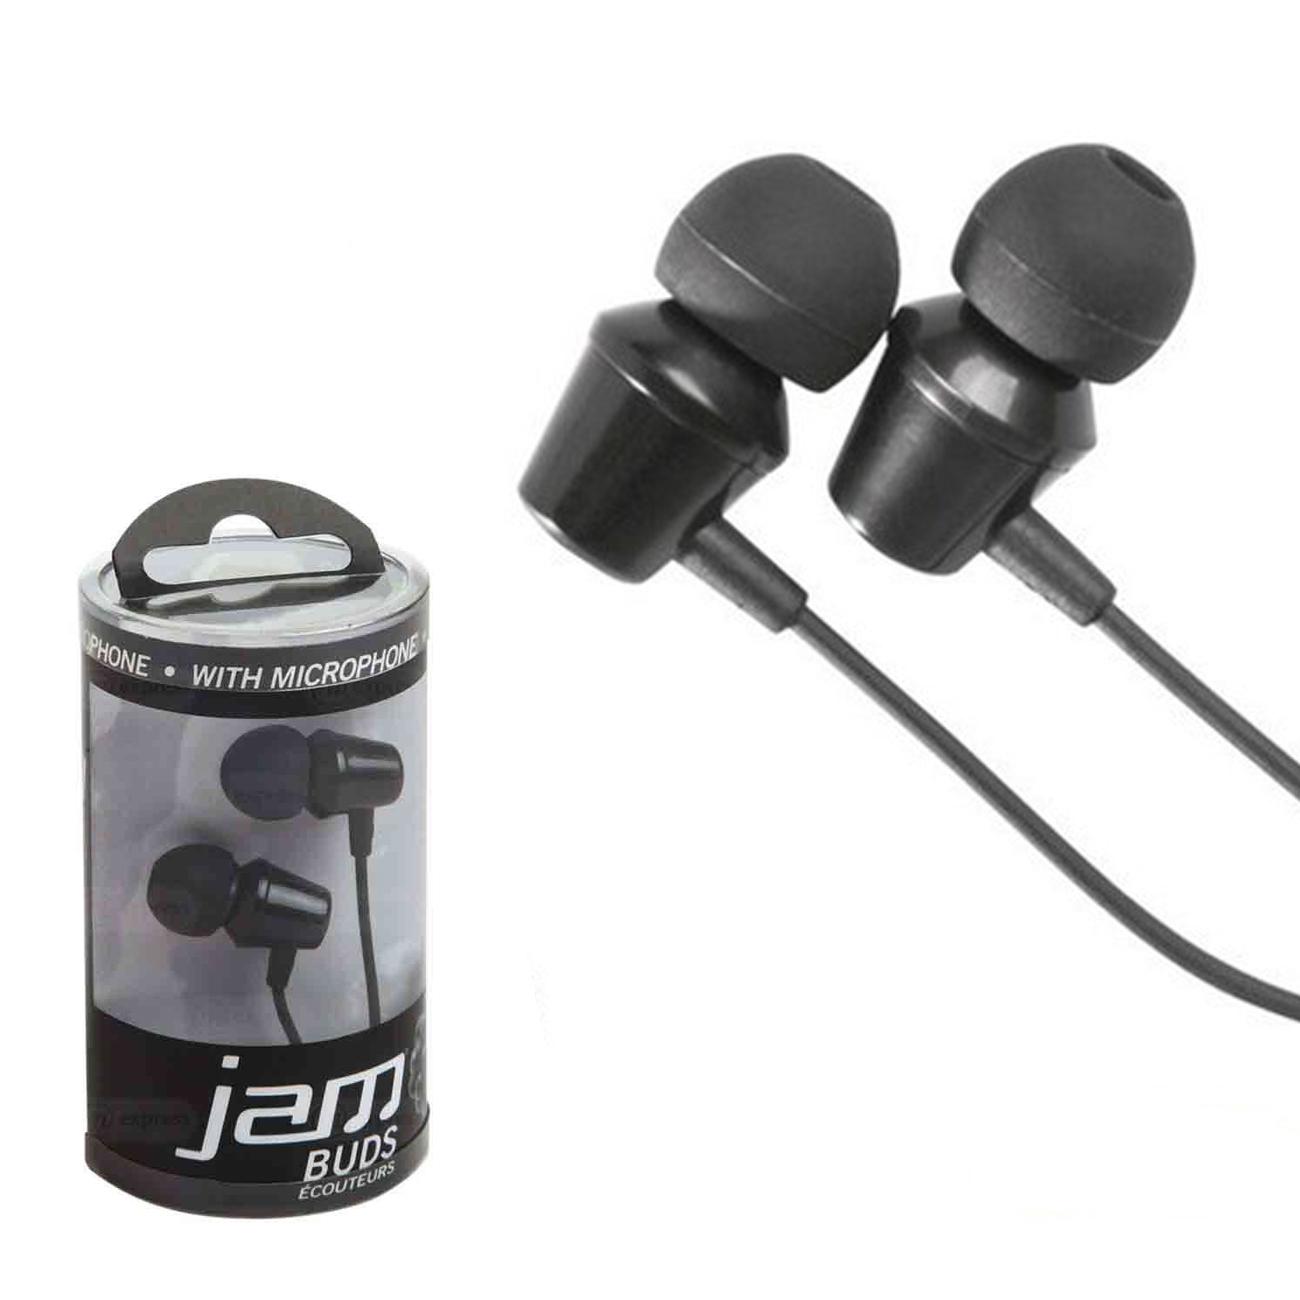 Fone de ouvido intra auricular com fio e microfone Jam Preto